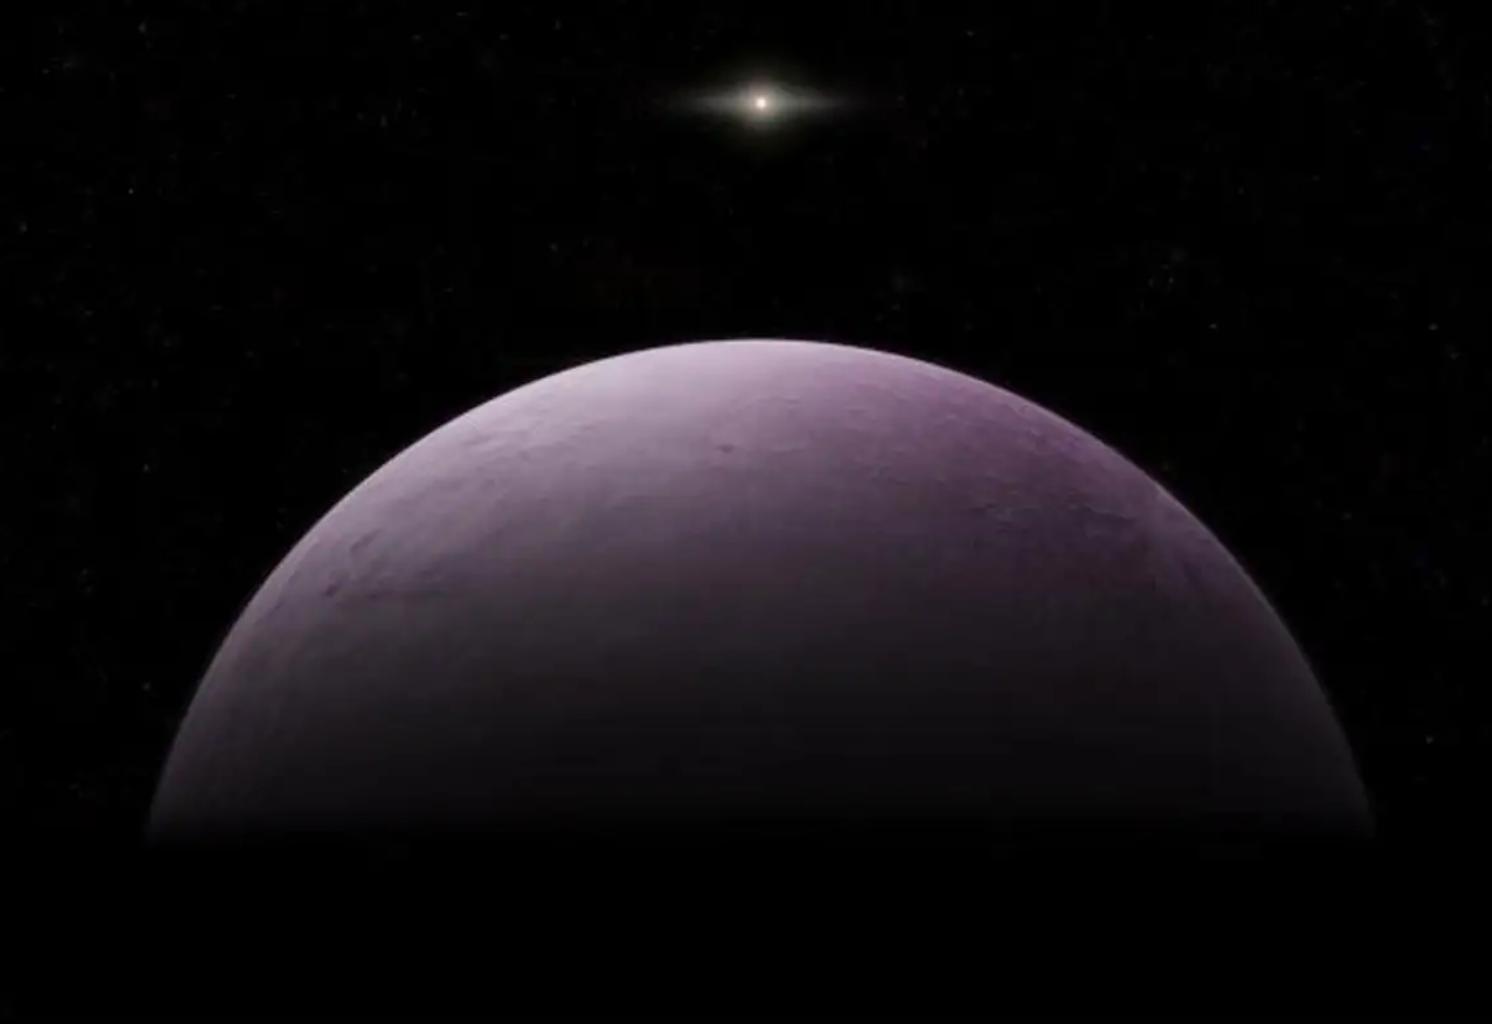 Astrónomos han detectado el objeto más distante que se haya encontrado en el sistema solar